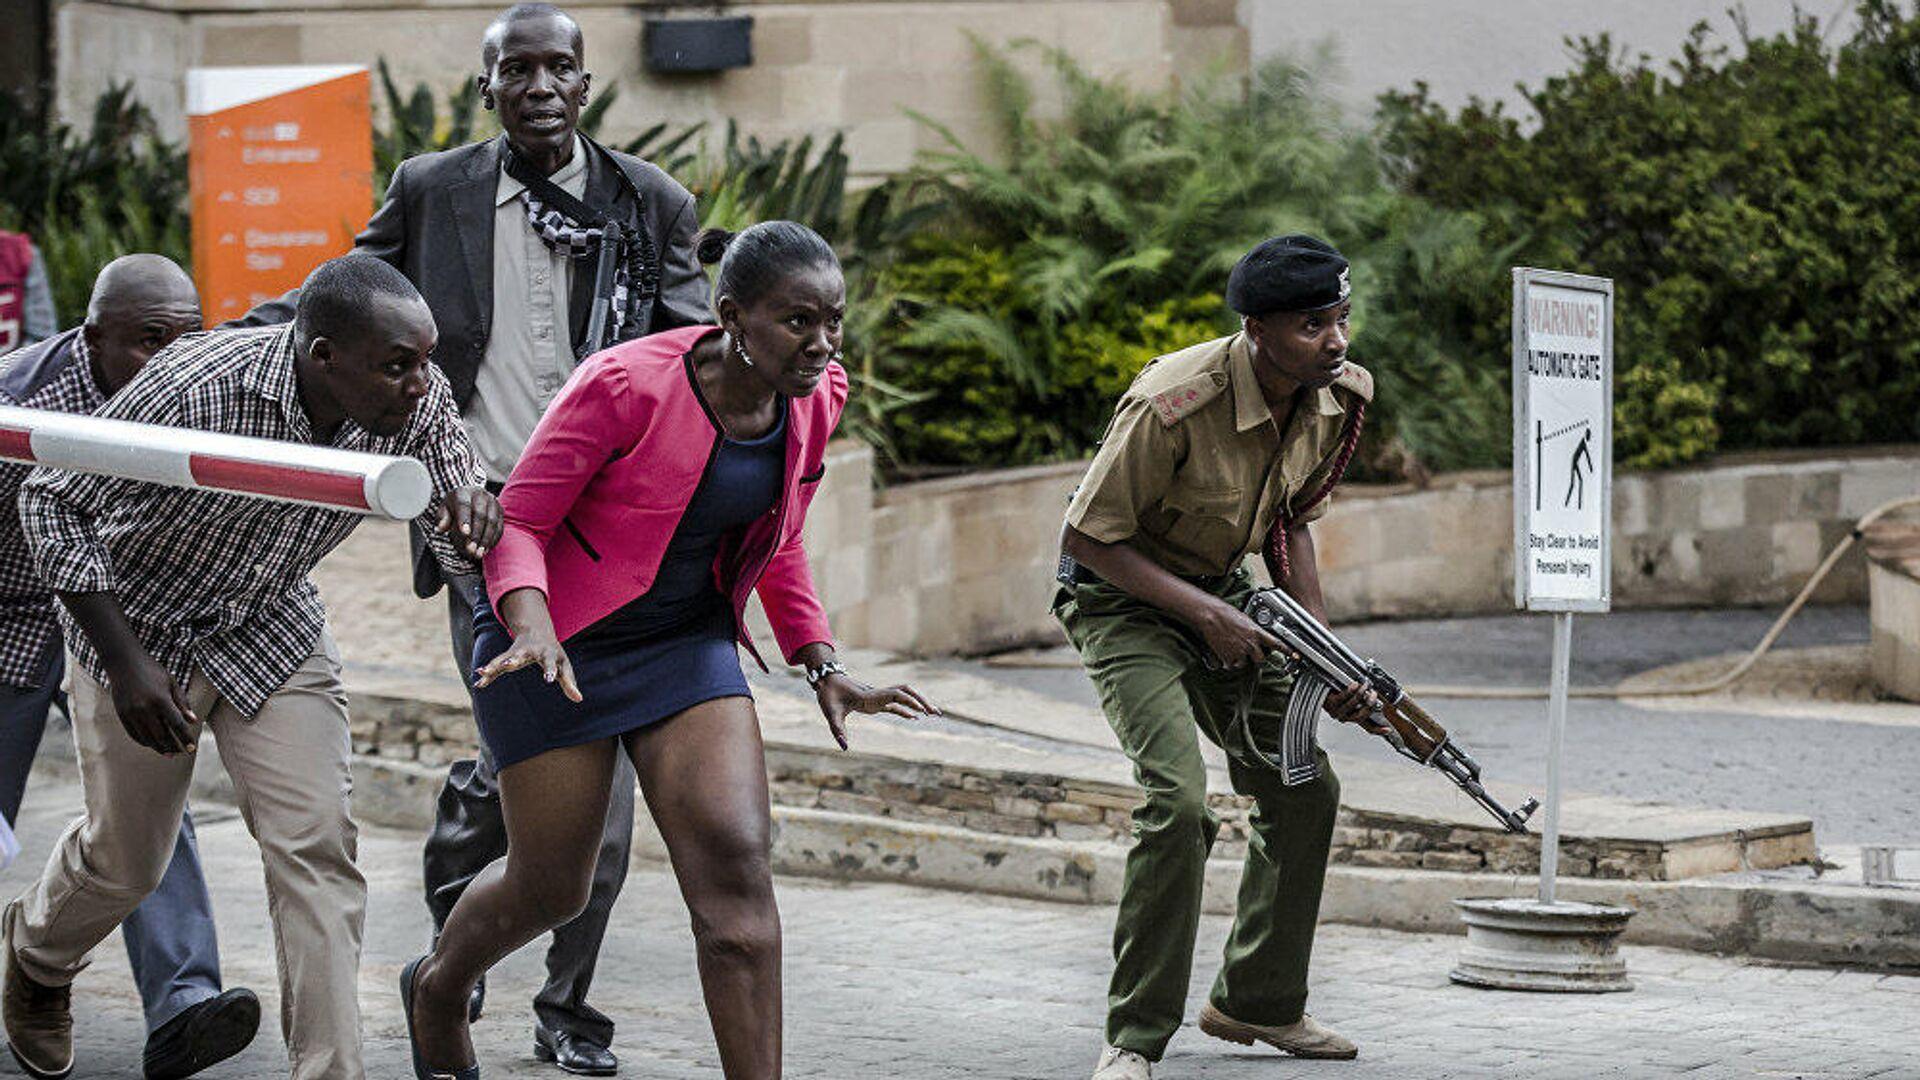 Fotos del español Luis Tato sobre el ataque terrorista contra un hotel en Nairobi en enero de 2019 - Sputnik Mundo, 1920, 26.02.2021